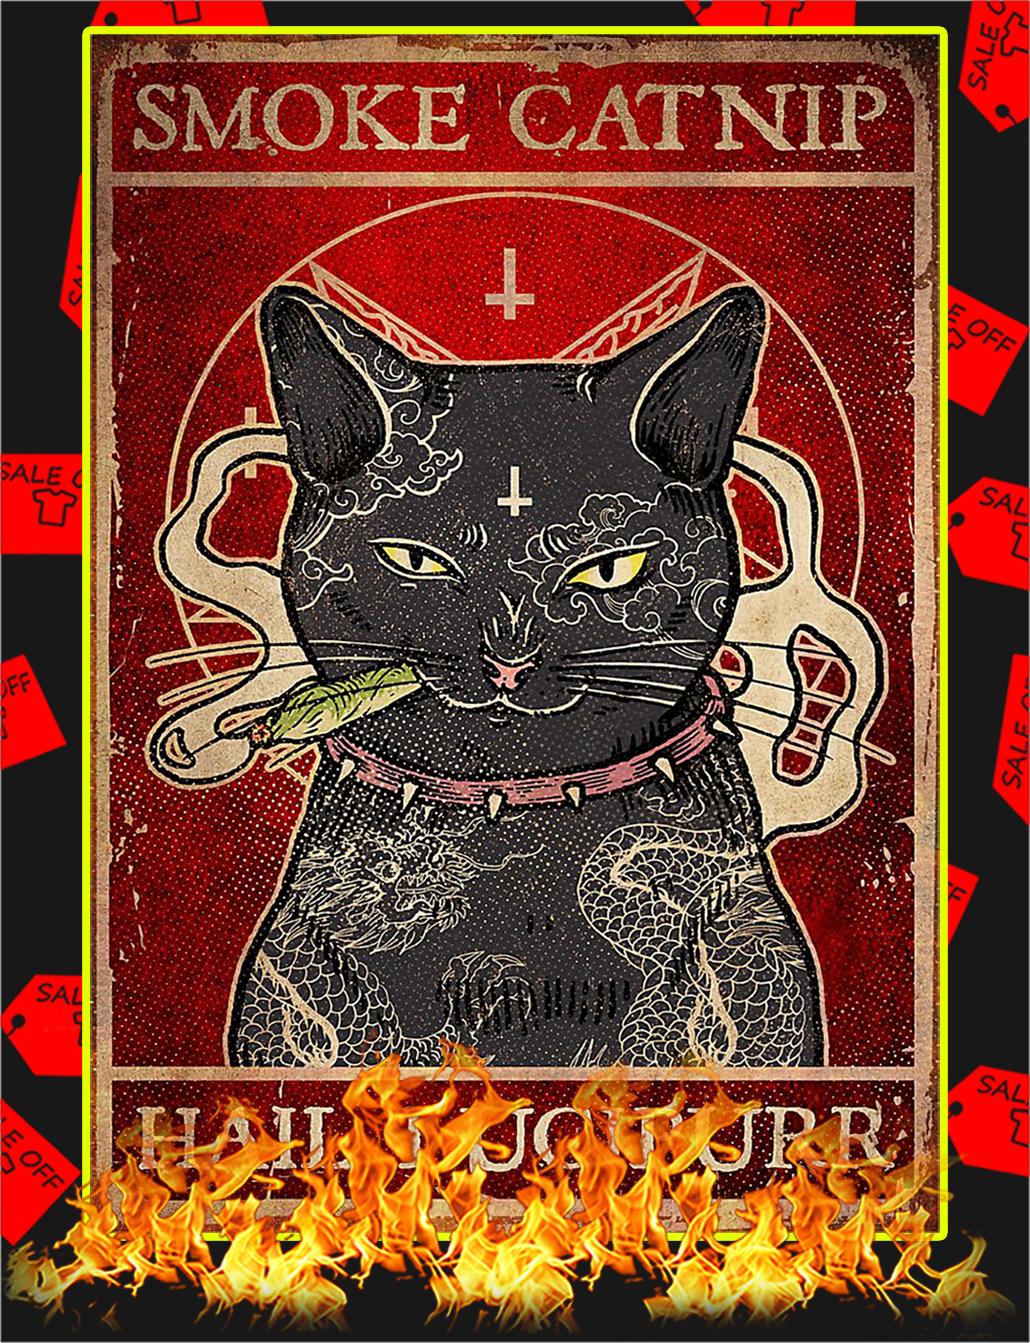 ® Cat Smoke catnip hail lucipurr poster